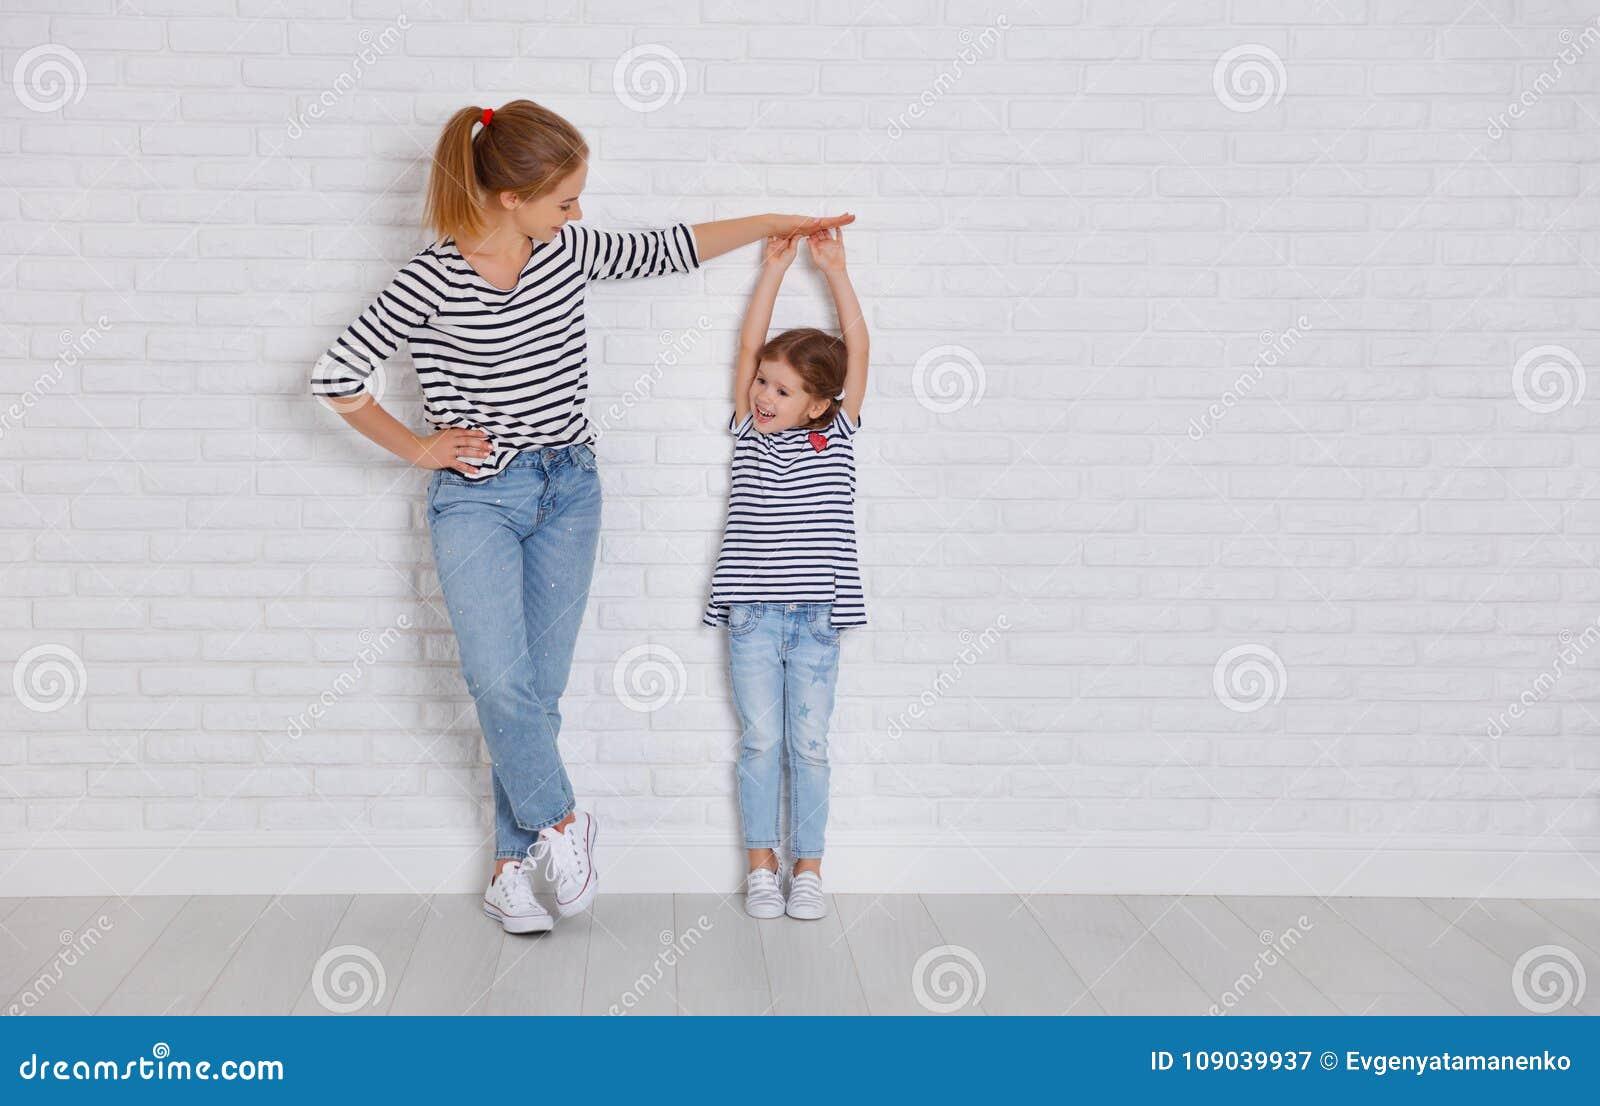 Concepto de la familia la madre mide el crecimiento del niño al daught